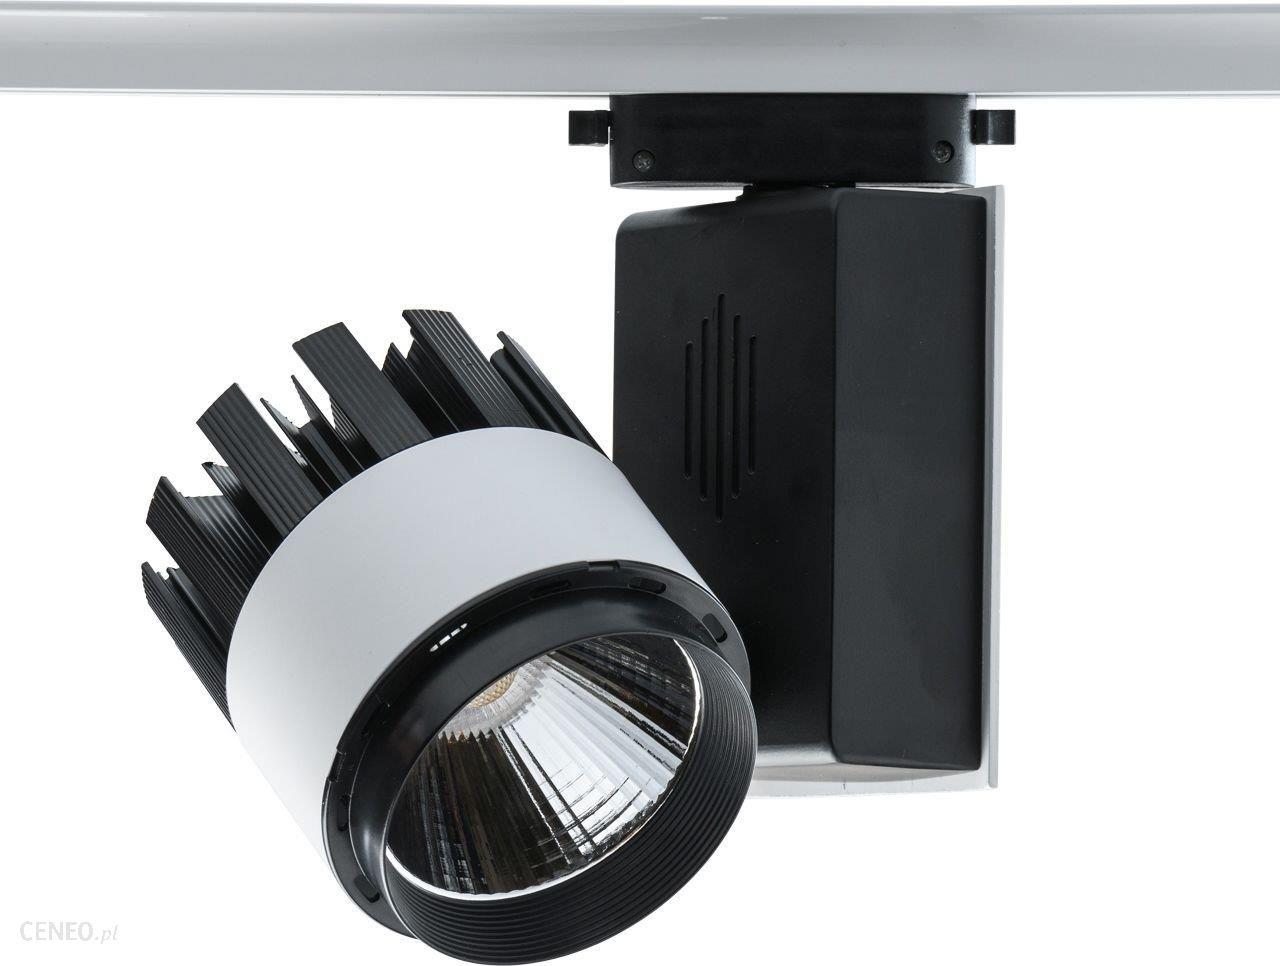 Demarkt Trade Mark Oświetlenie Sufitowe Punktowe Techno 550011301 Opinie I Atrakcyjne Ceny Na Ceneopl